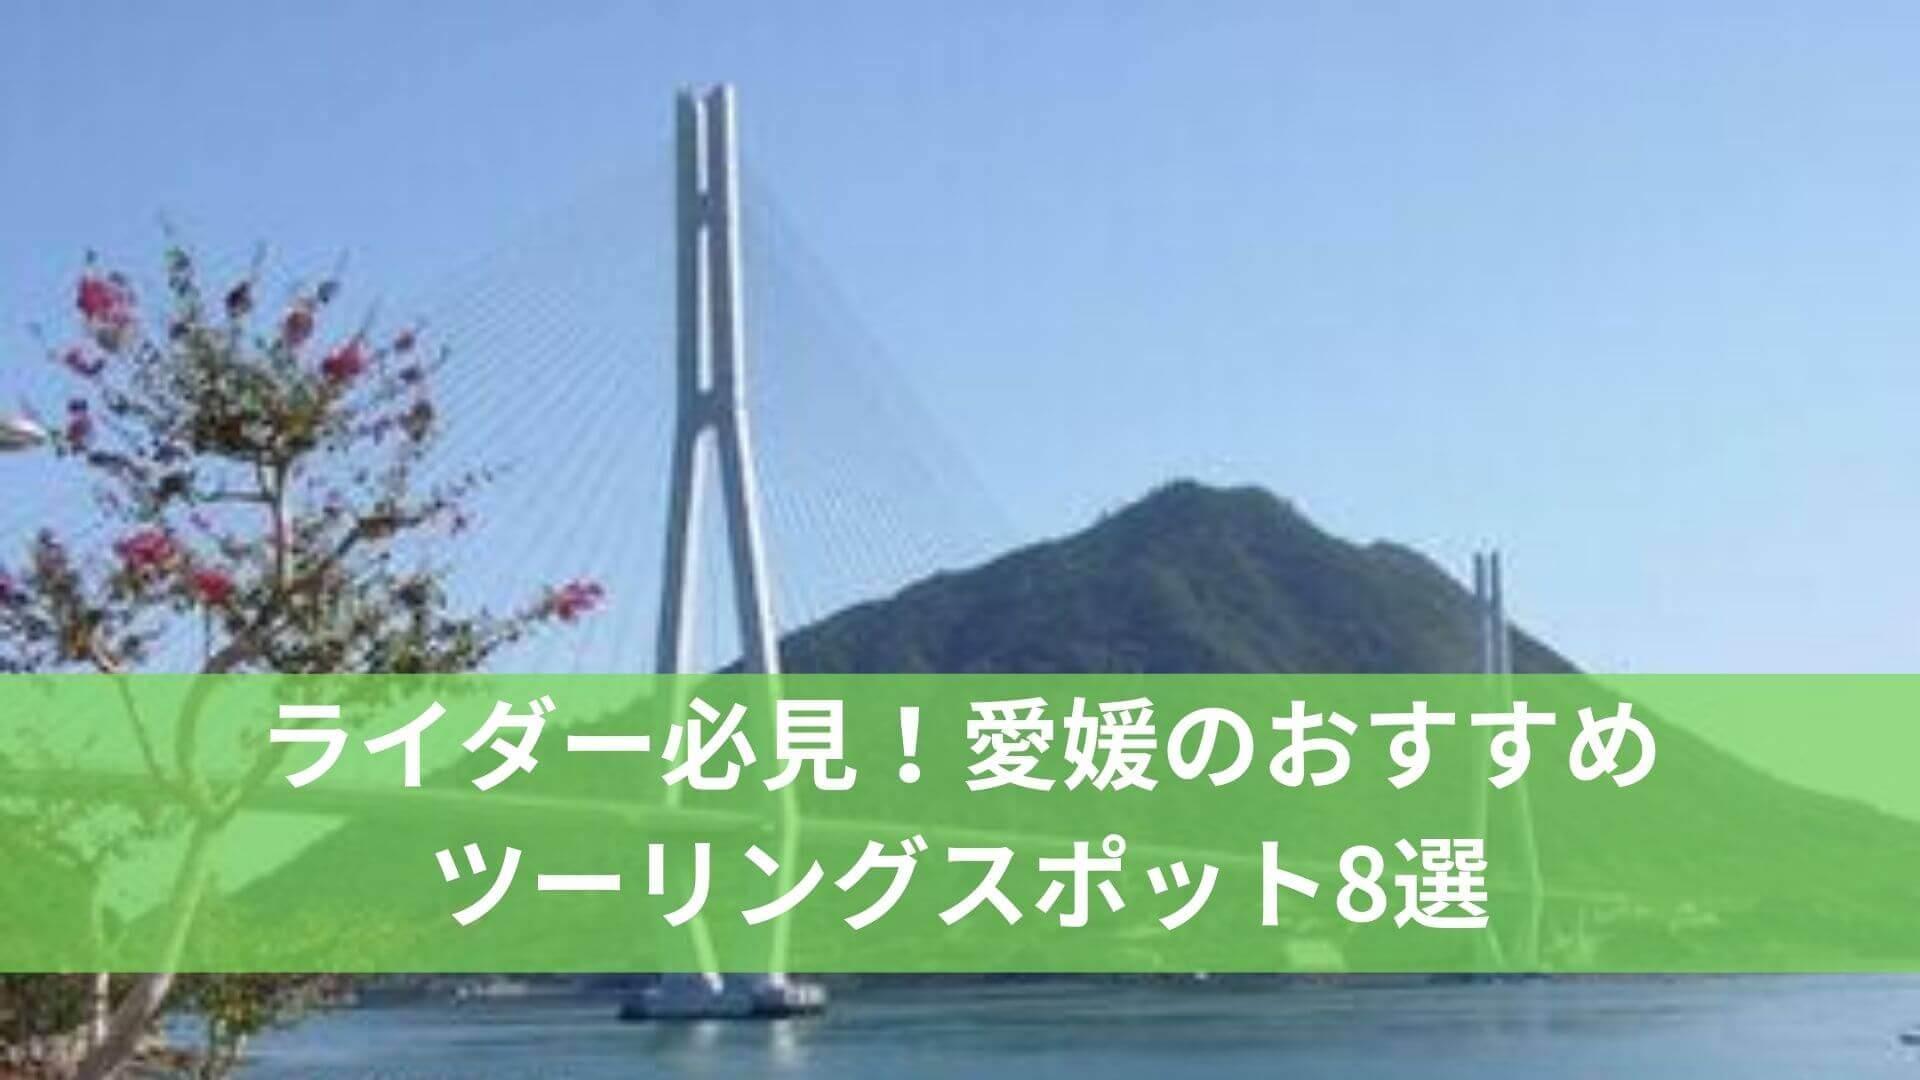 ライダー必見!愛媛のおすすめツーリングスポット8選